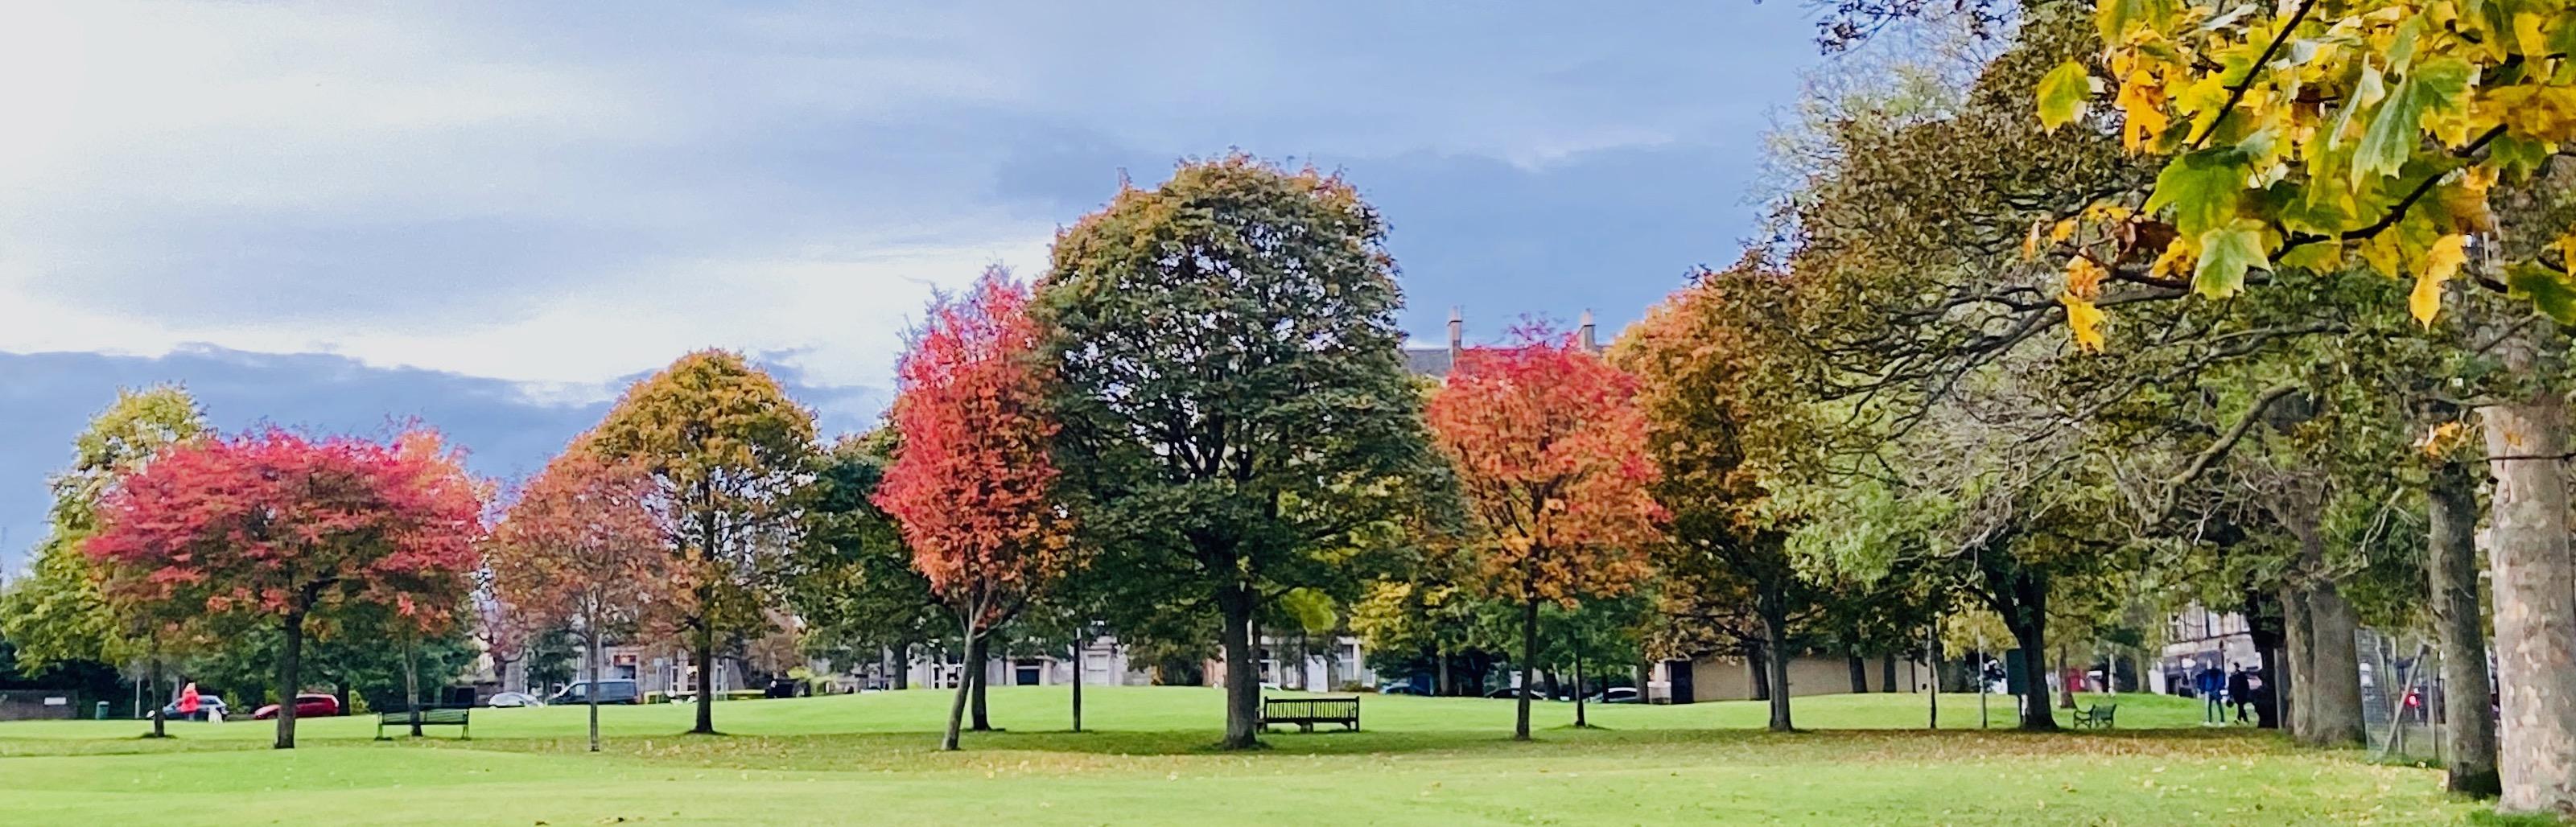 autumn, trees, bruntsfield